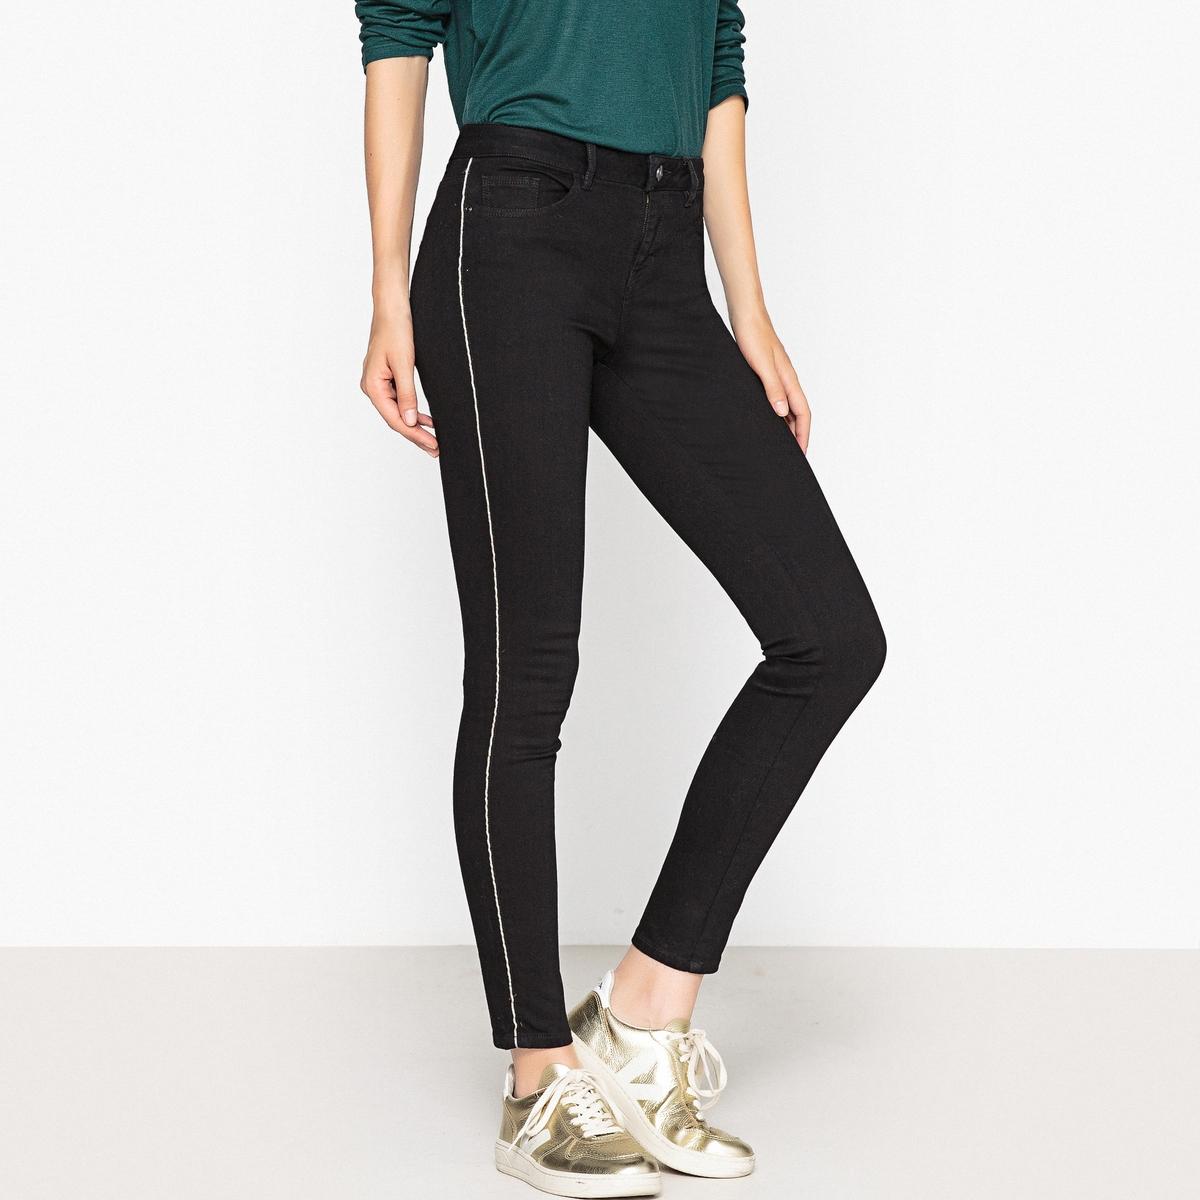 Джинсы-скинни ELLA PIPING, длина . 32 джинсы скинни zeniah длина 32